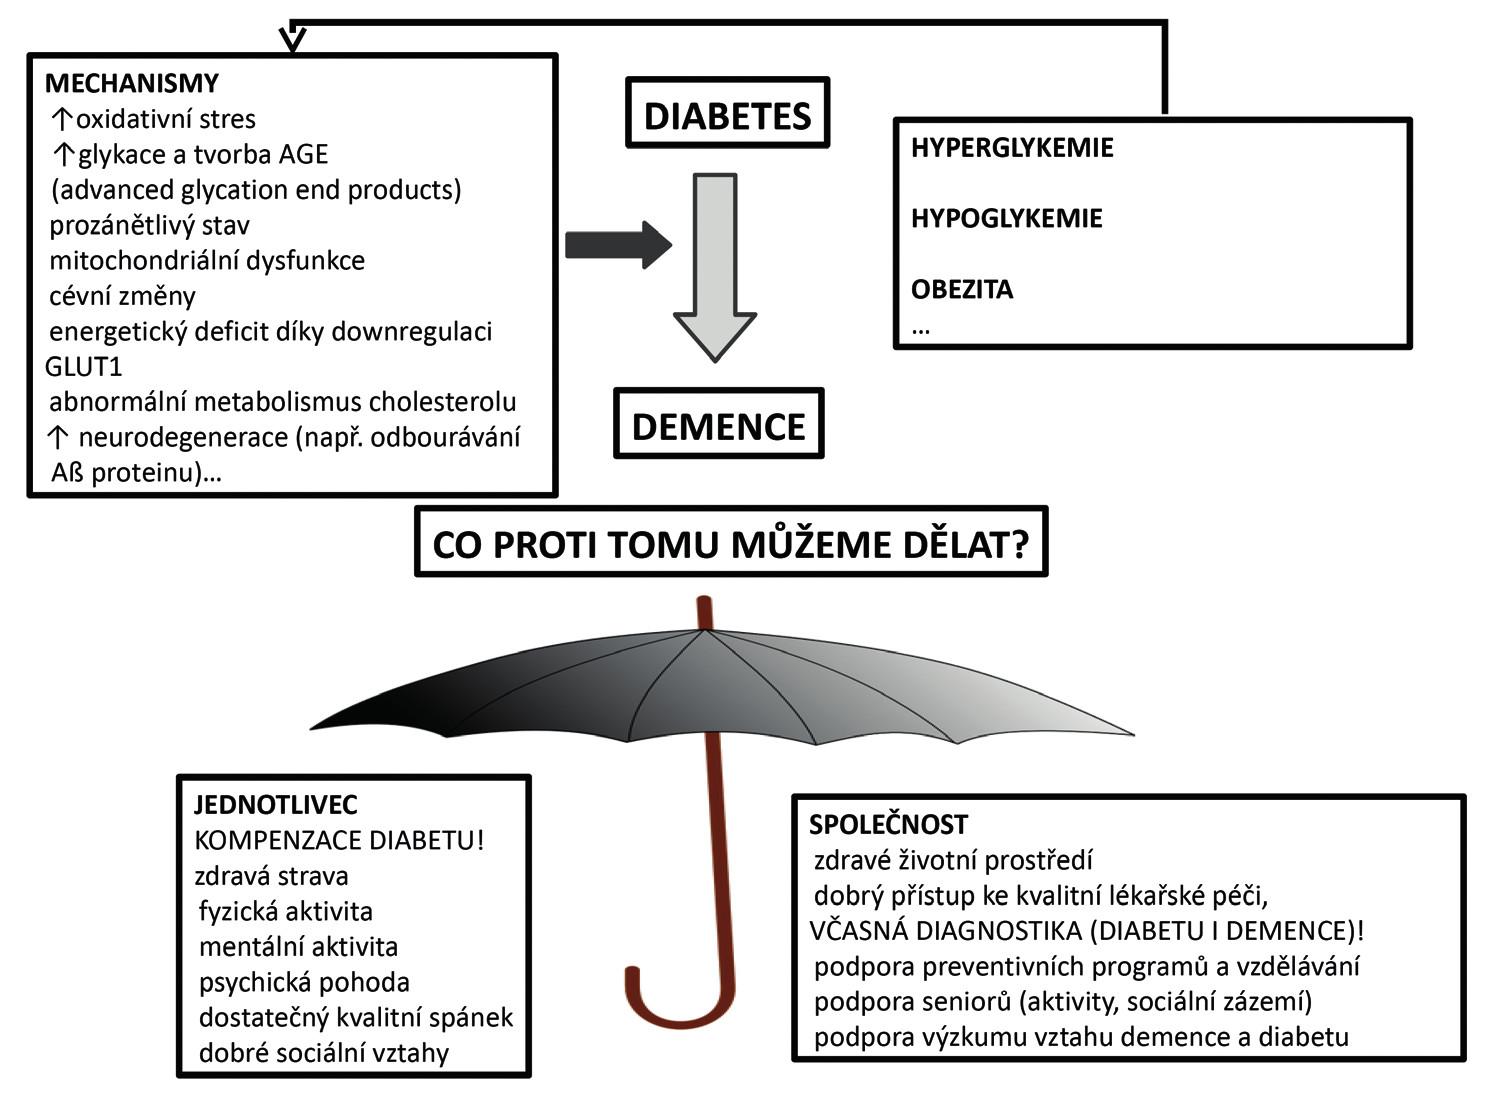 Mechanismy podporující vznik demence u pacienta s diabetem a možnosti, jak se jí bránit